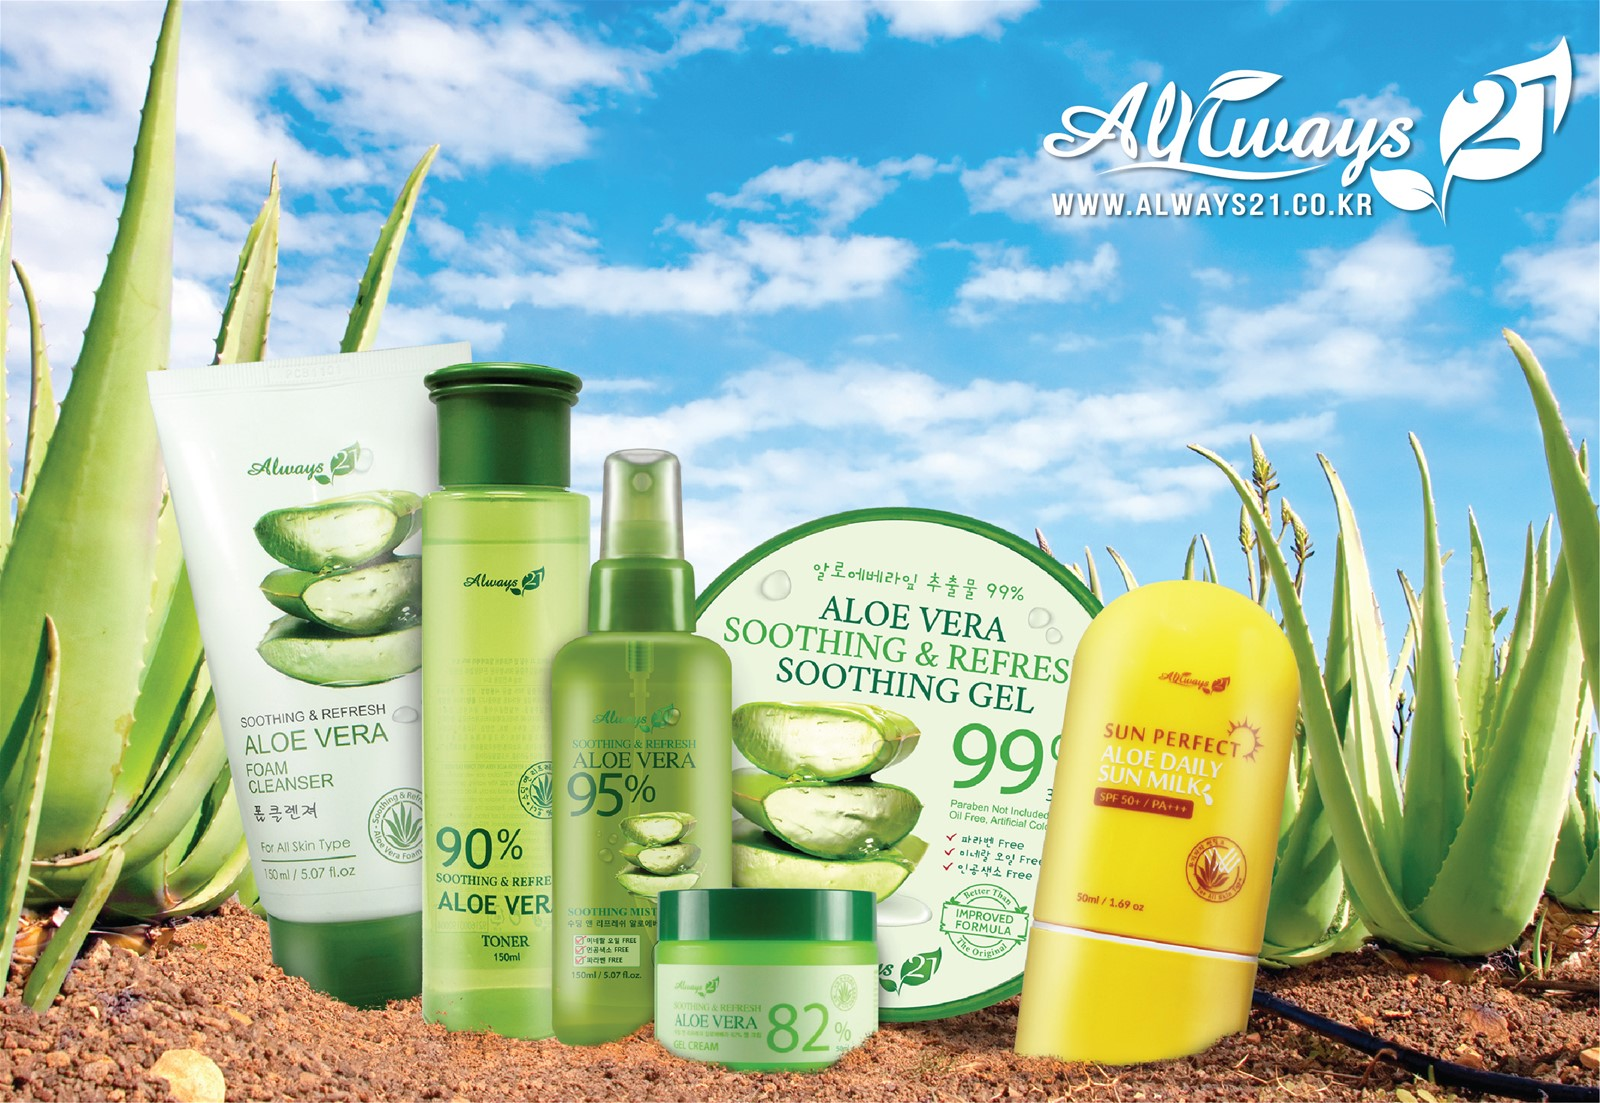 Always21 Soothing & Refresh Aloe Vera 82% Gel Cream